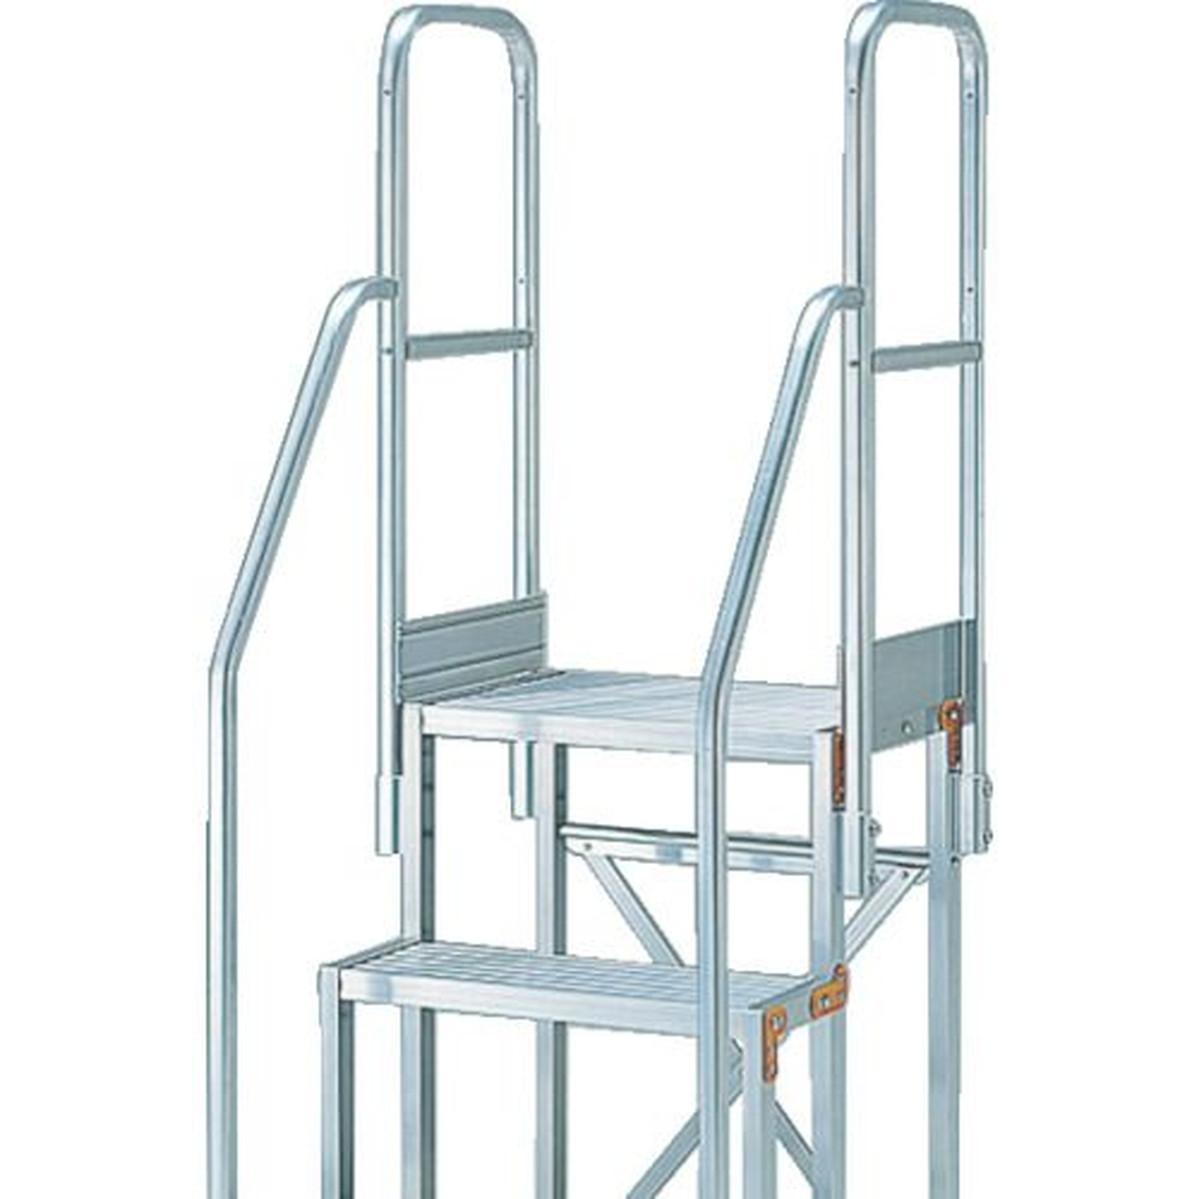 【超歓迎】 TRUSCO 1S 作業用踏台用手すり TRUSCO 階段両手すり H900 階段両手すり TSF-257用 1S, チクホマチ:3b52b5ee --- sequinca.net